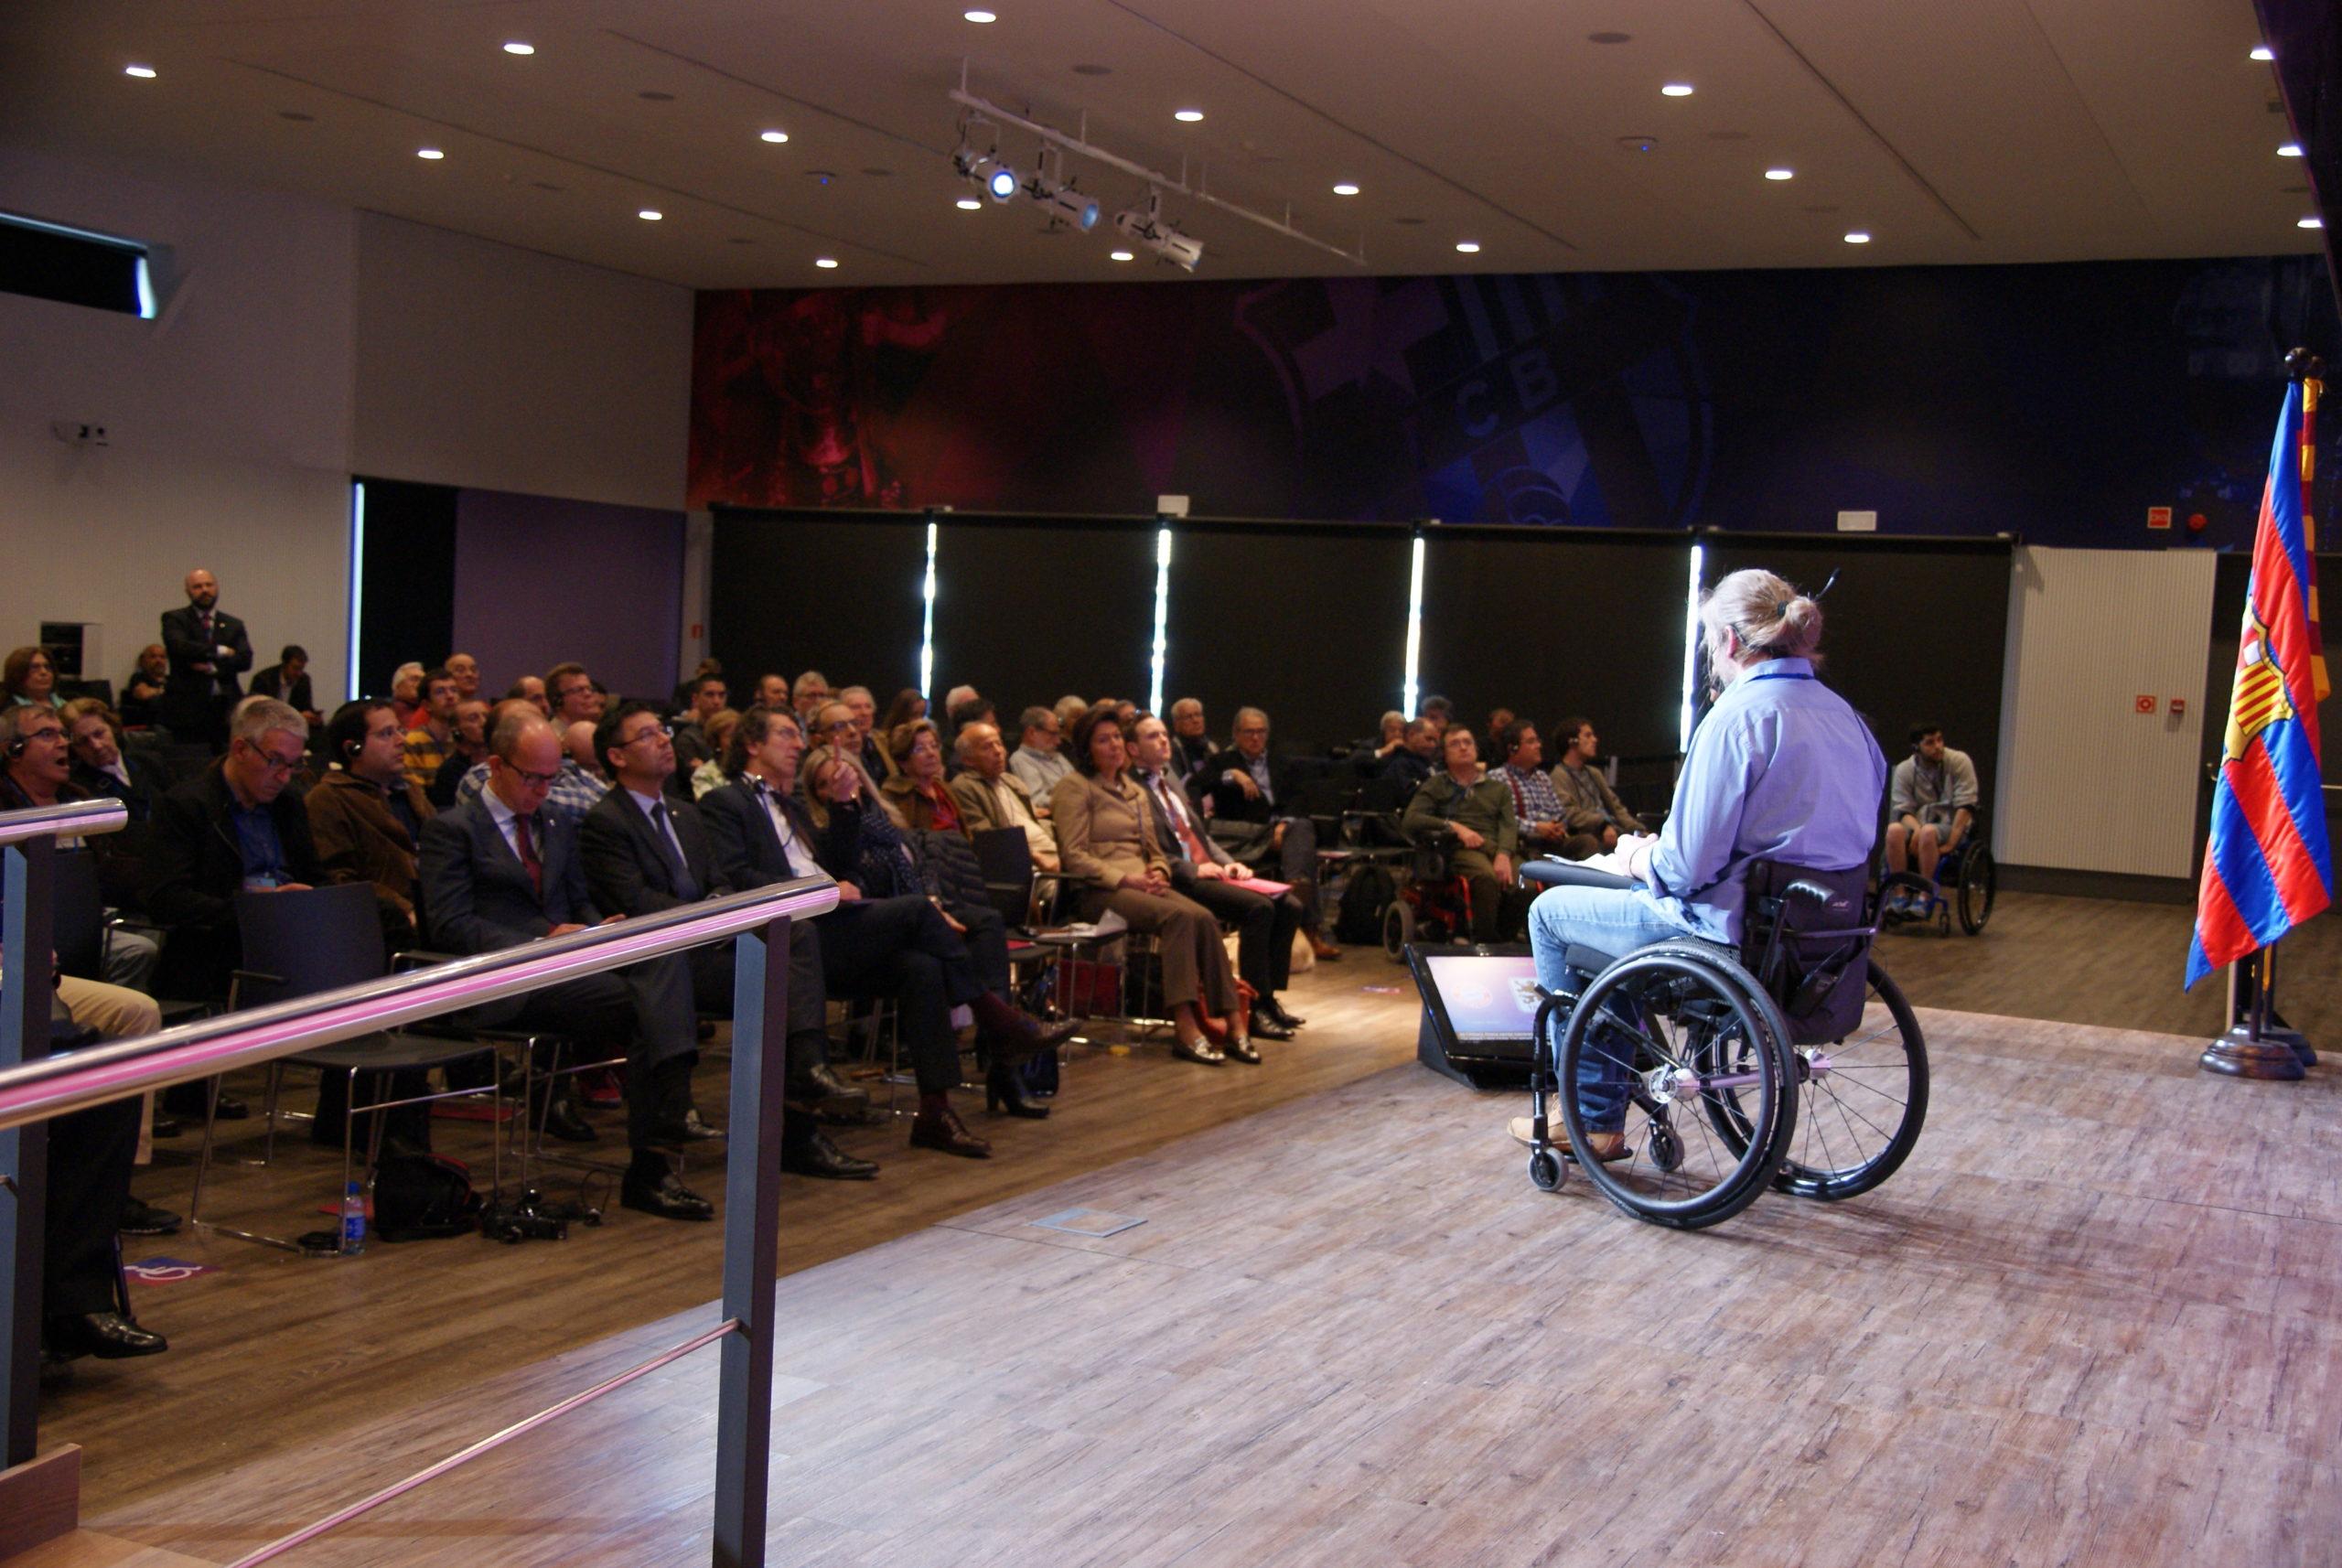 Rede von Kim im Symposium des FC Barcelona. In der 1. Reihe sitzt unter anderem Präsident Josep Bartomeu und Trainer Jordi Cardoner